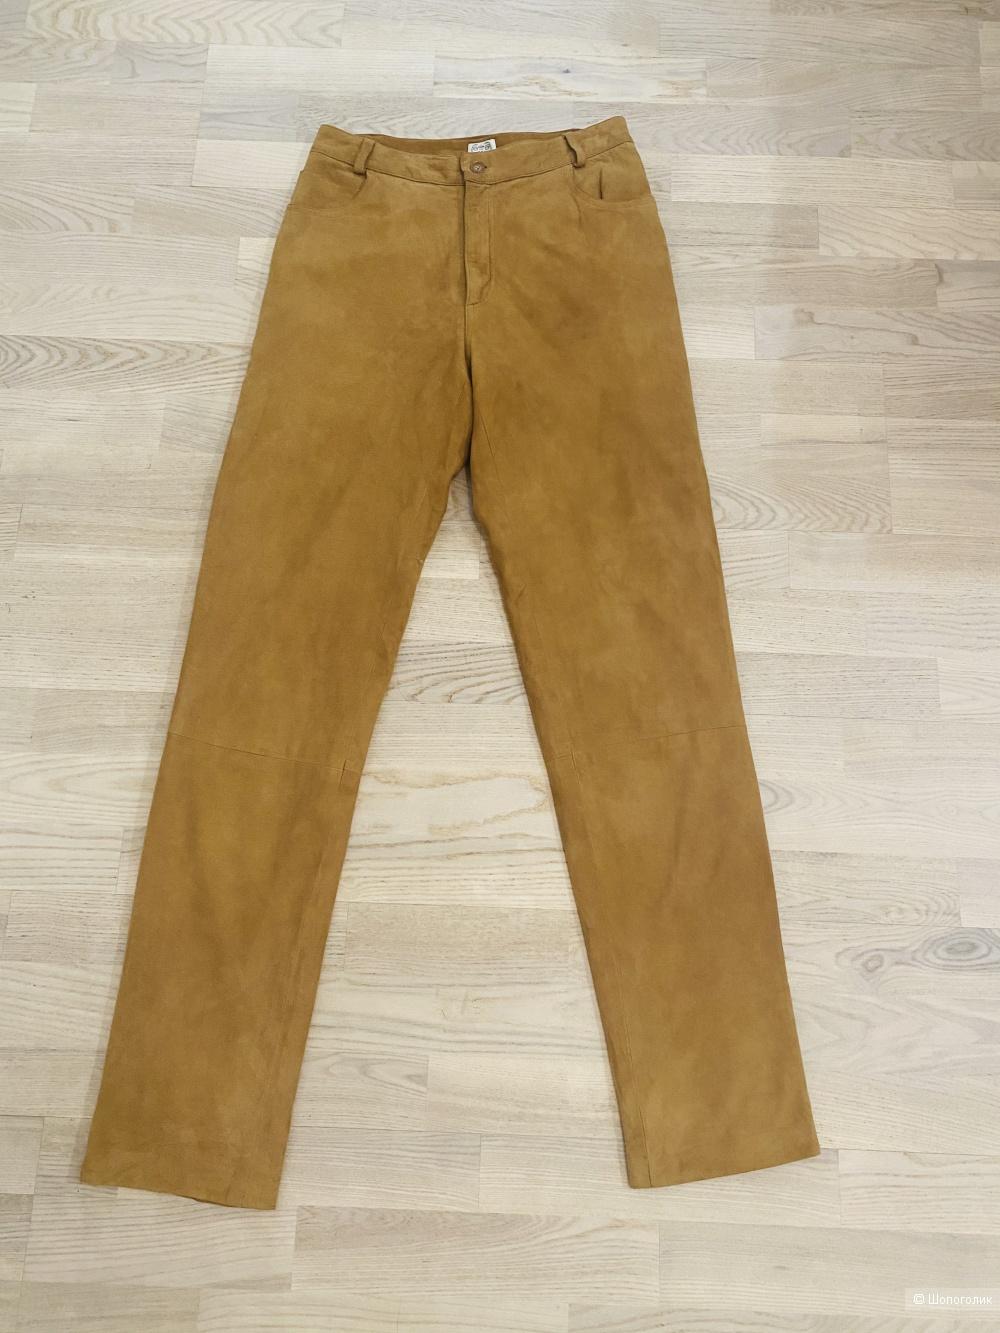 Замшевые джинсы Whatne, размер S.